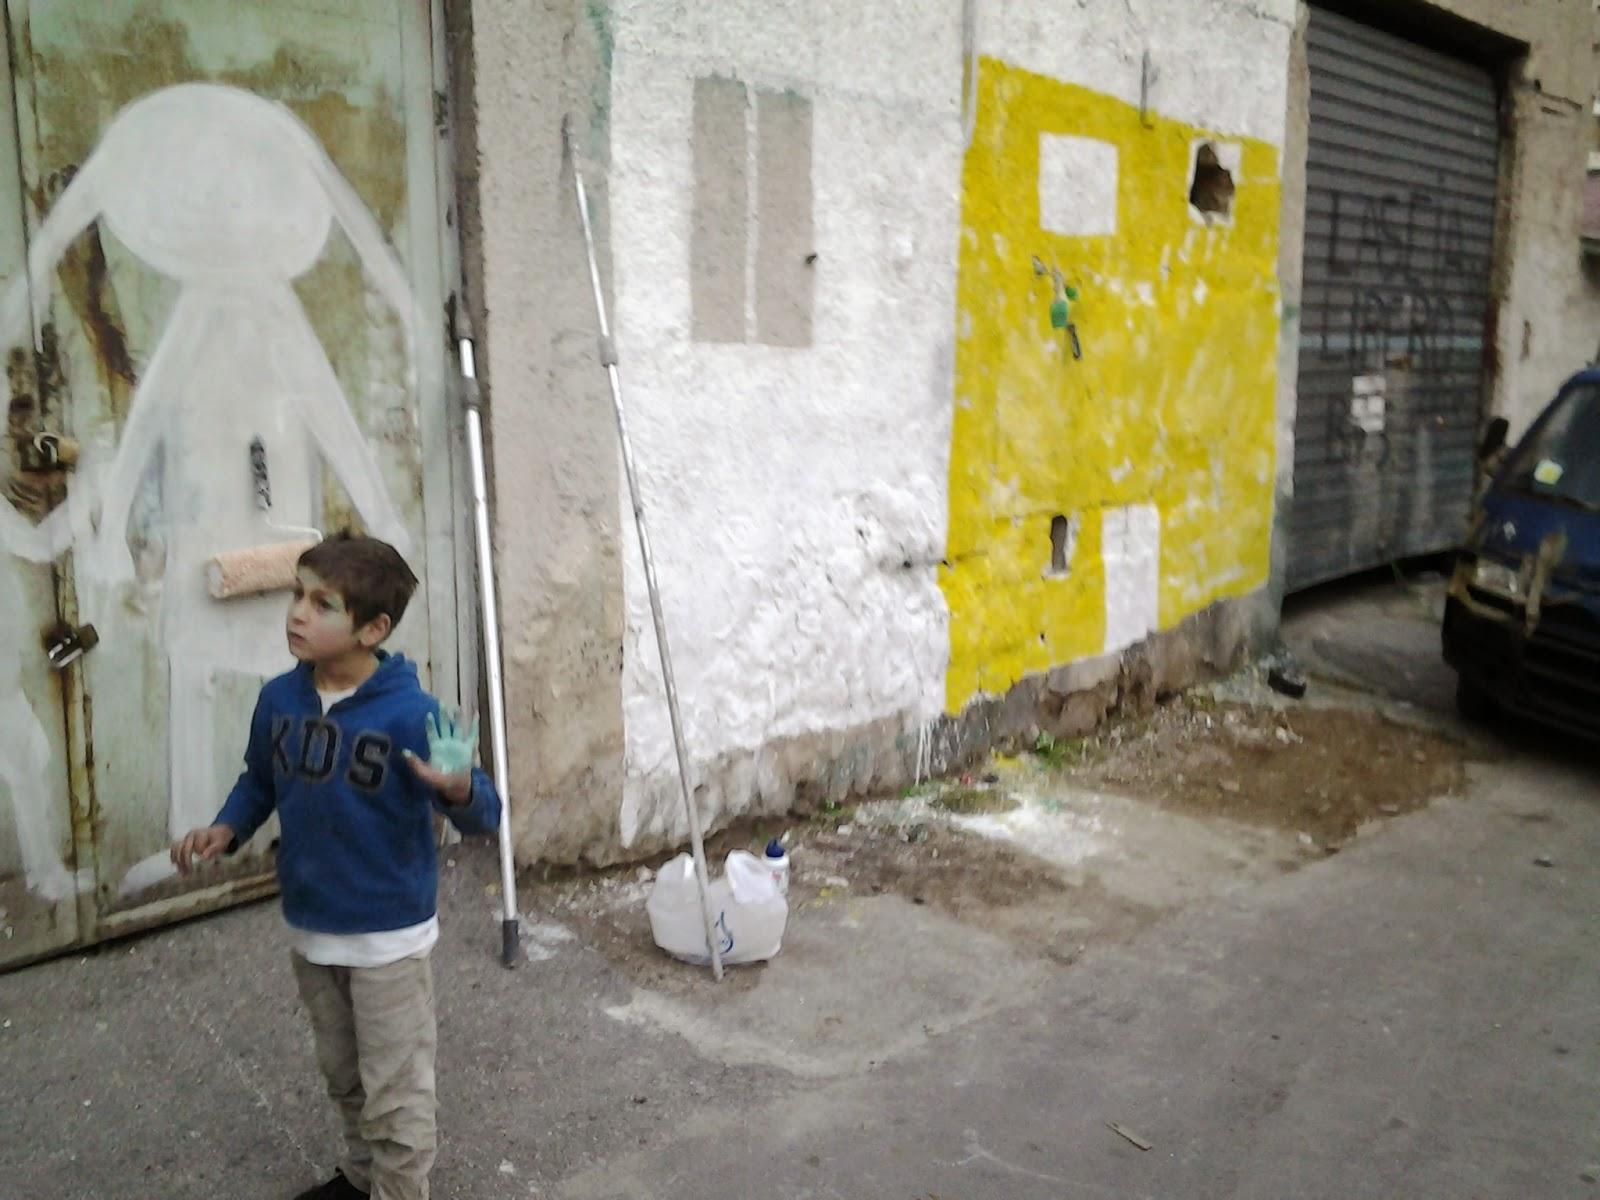 emajons-series-of-new-murals-in-borgo-vecchio-palermo-04